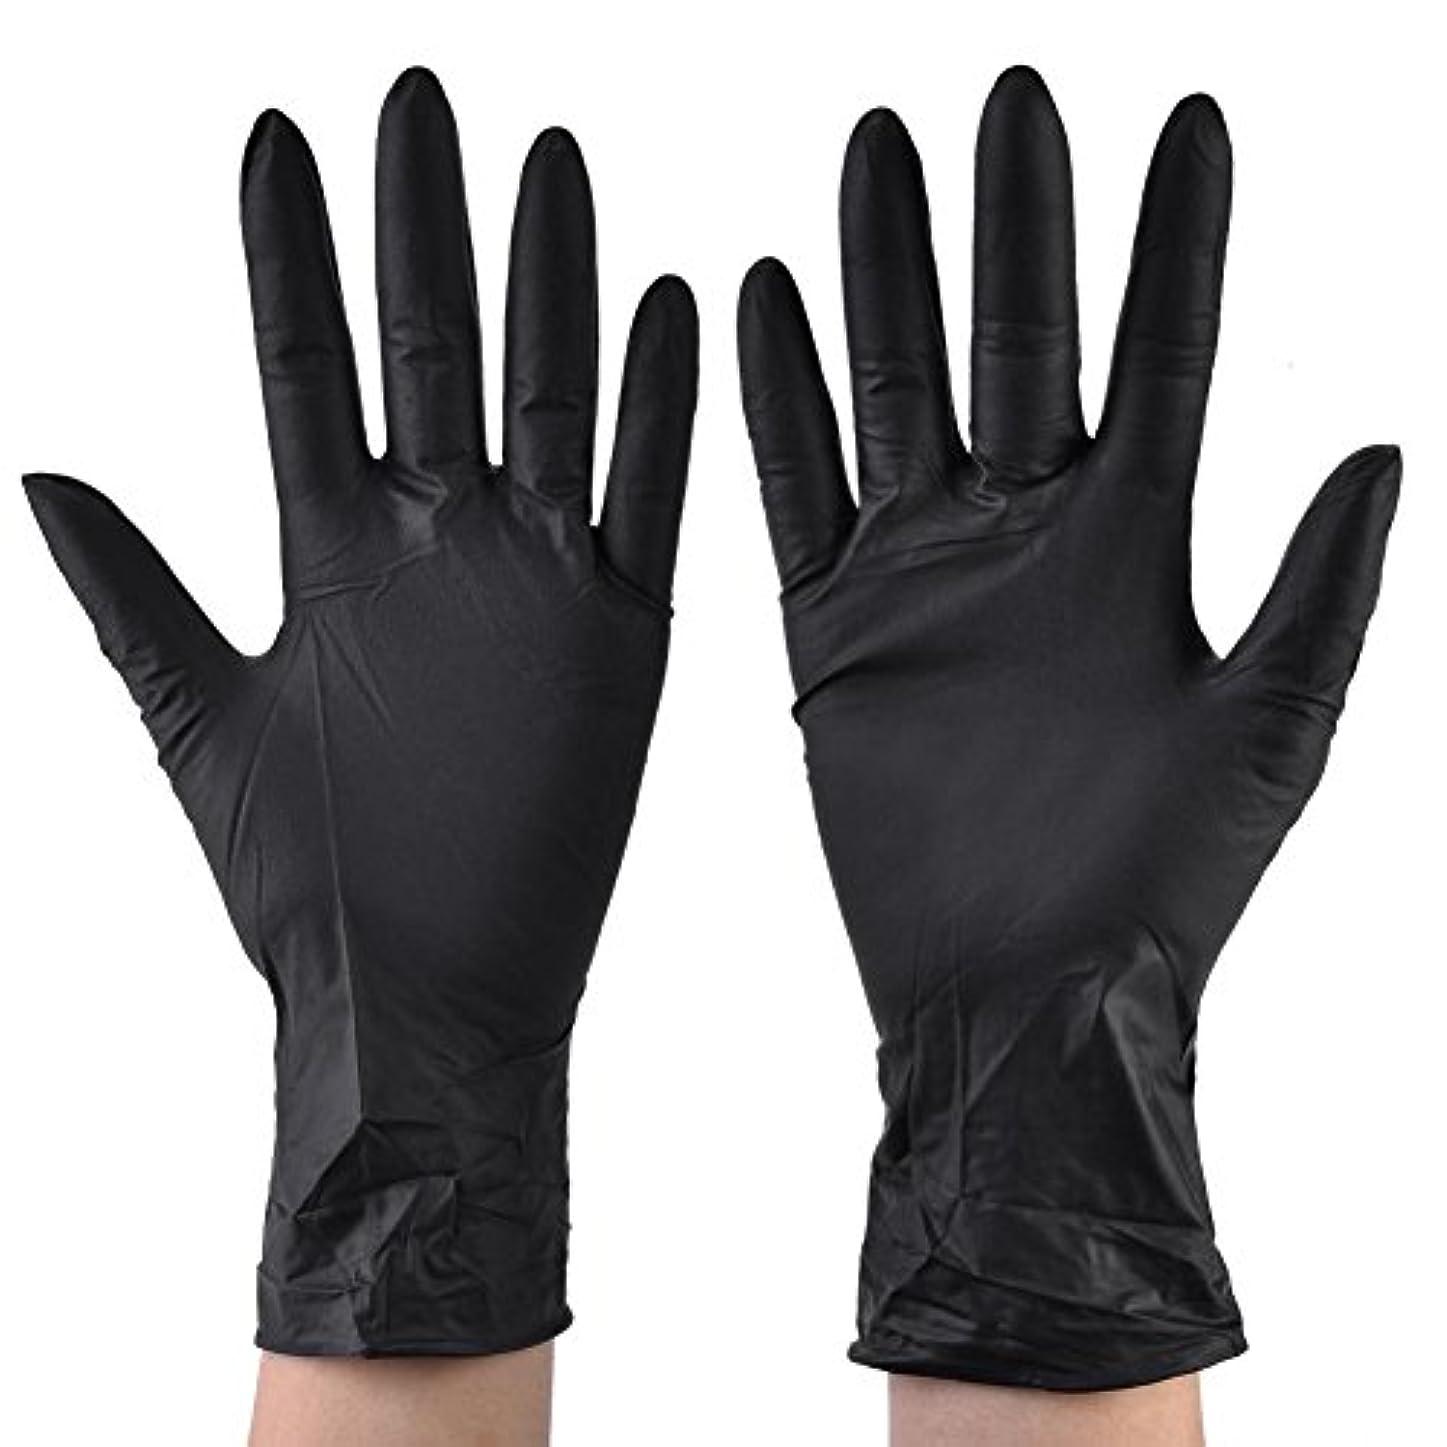 ウィスキーことわざ回復100pcs使い捨てニトリル手袋医療グレードラテックスフリーパウダーフリーブラックラージミディアムスモールインダストリアル、医療、美容、健康(M)